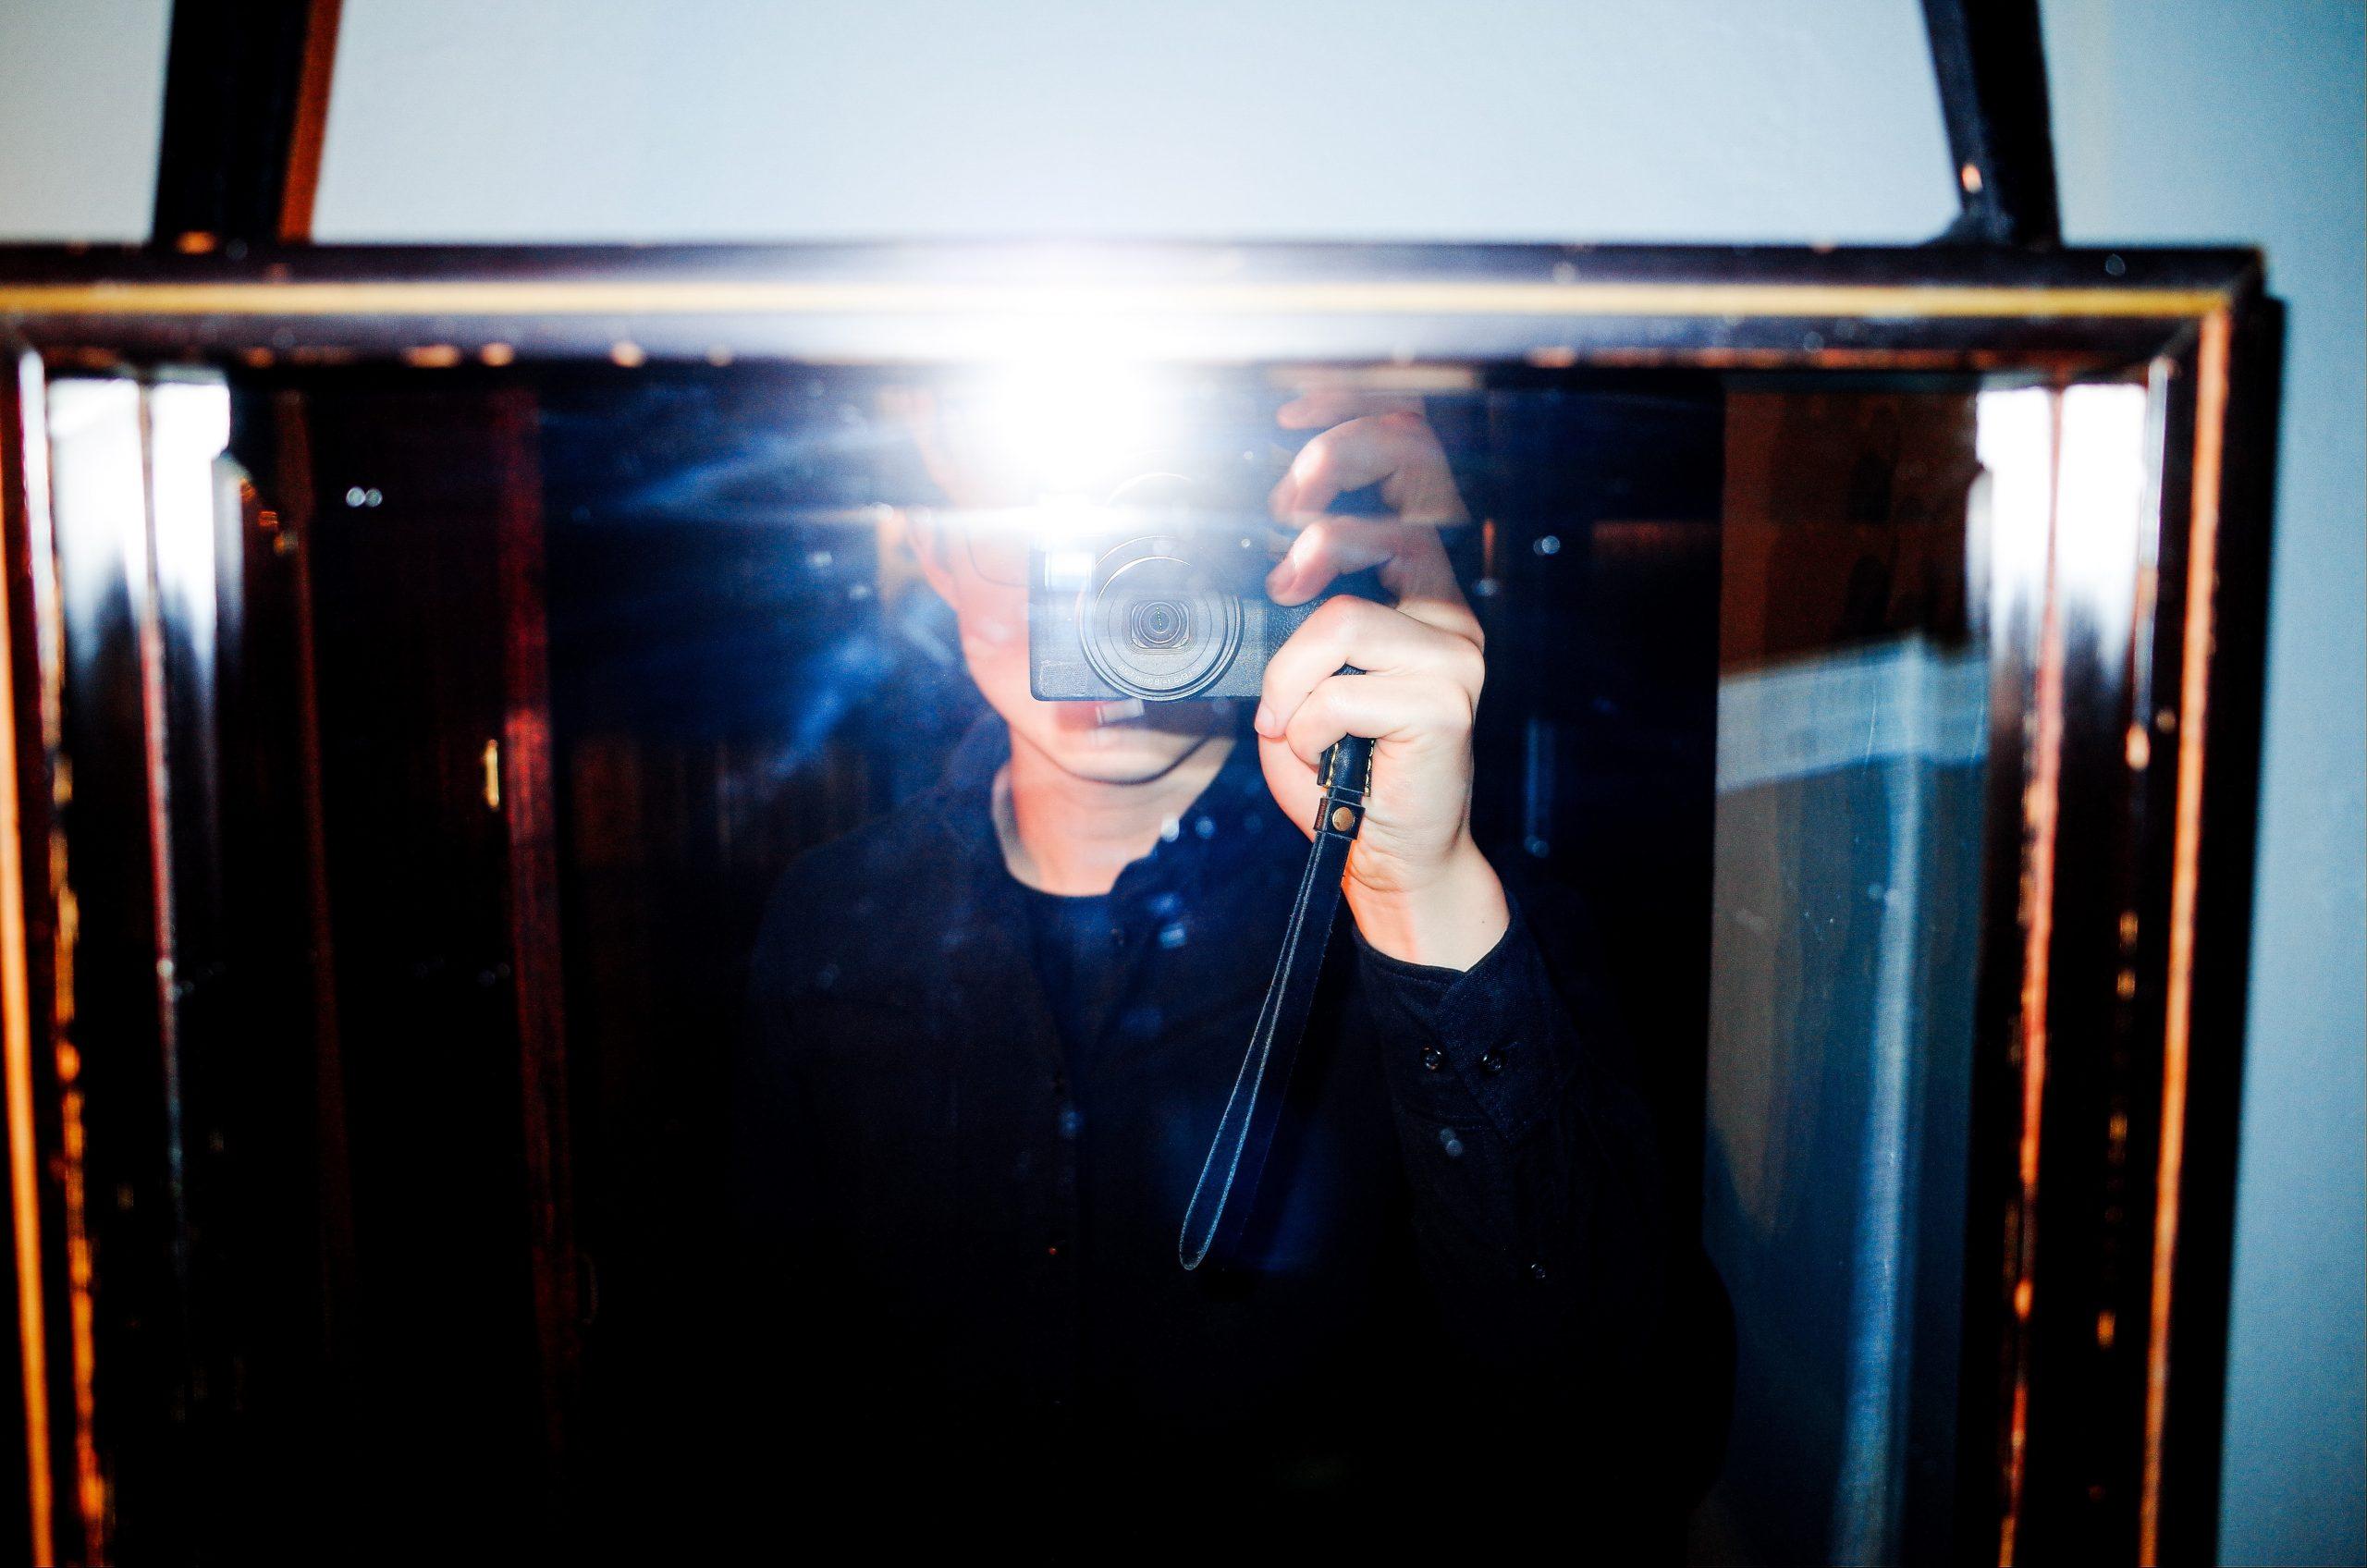 Selfie ricoh flash